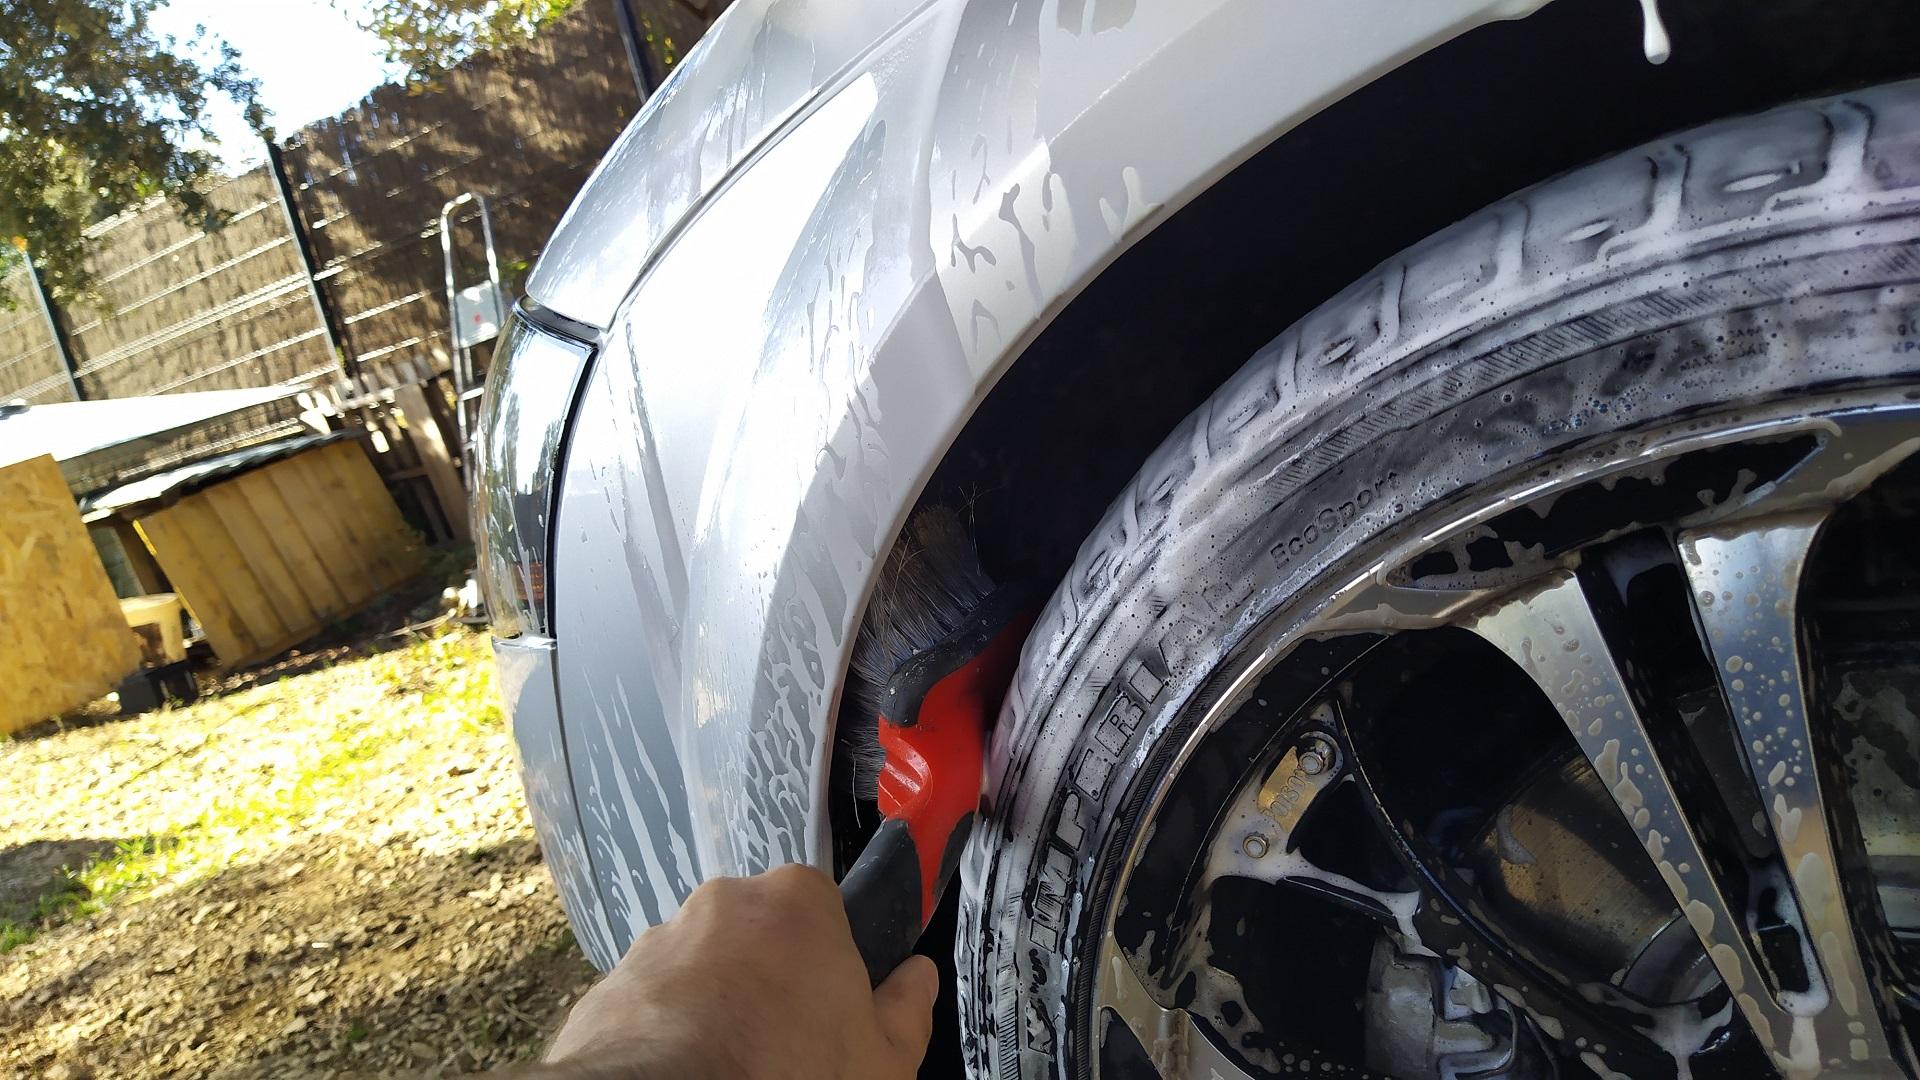 Présentation et premier vrai nettoyage du Roadster de Madame Img_20201004_105231-57c25b6